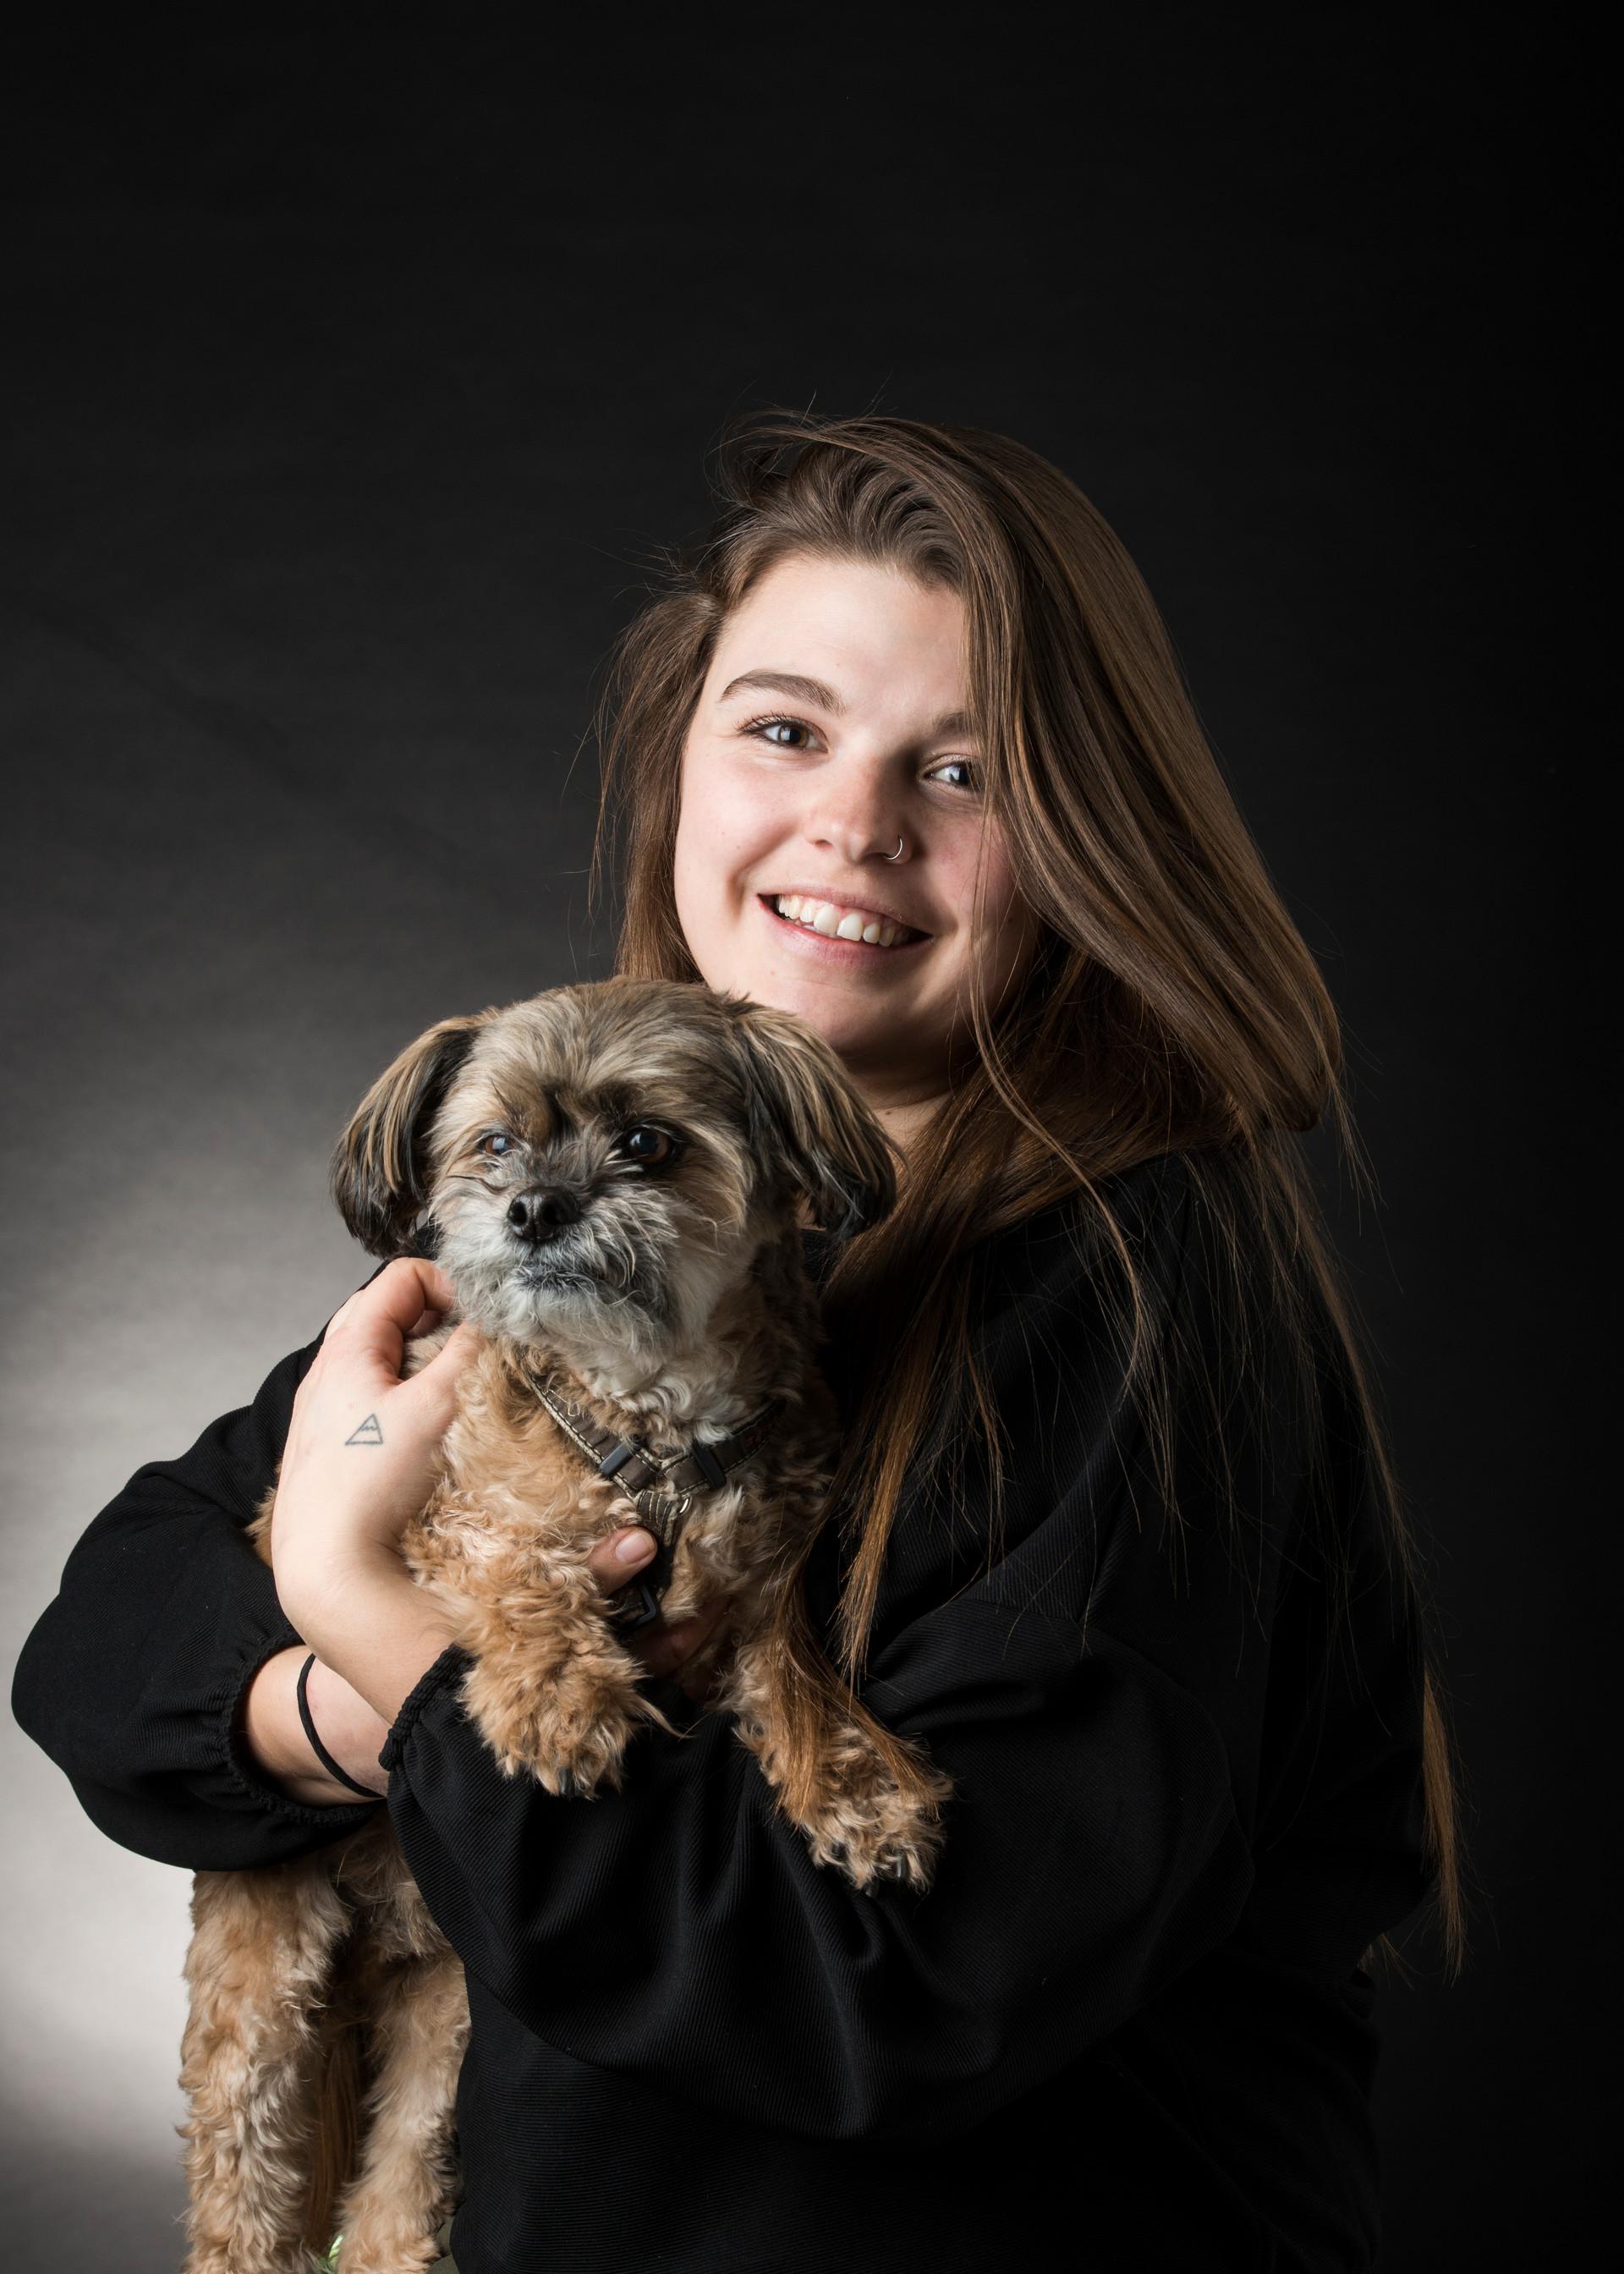 Nahanni and Dog